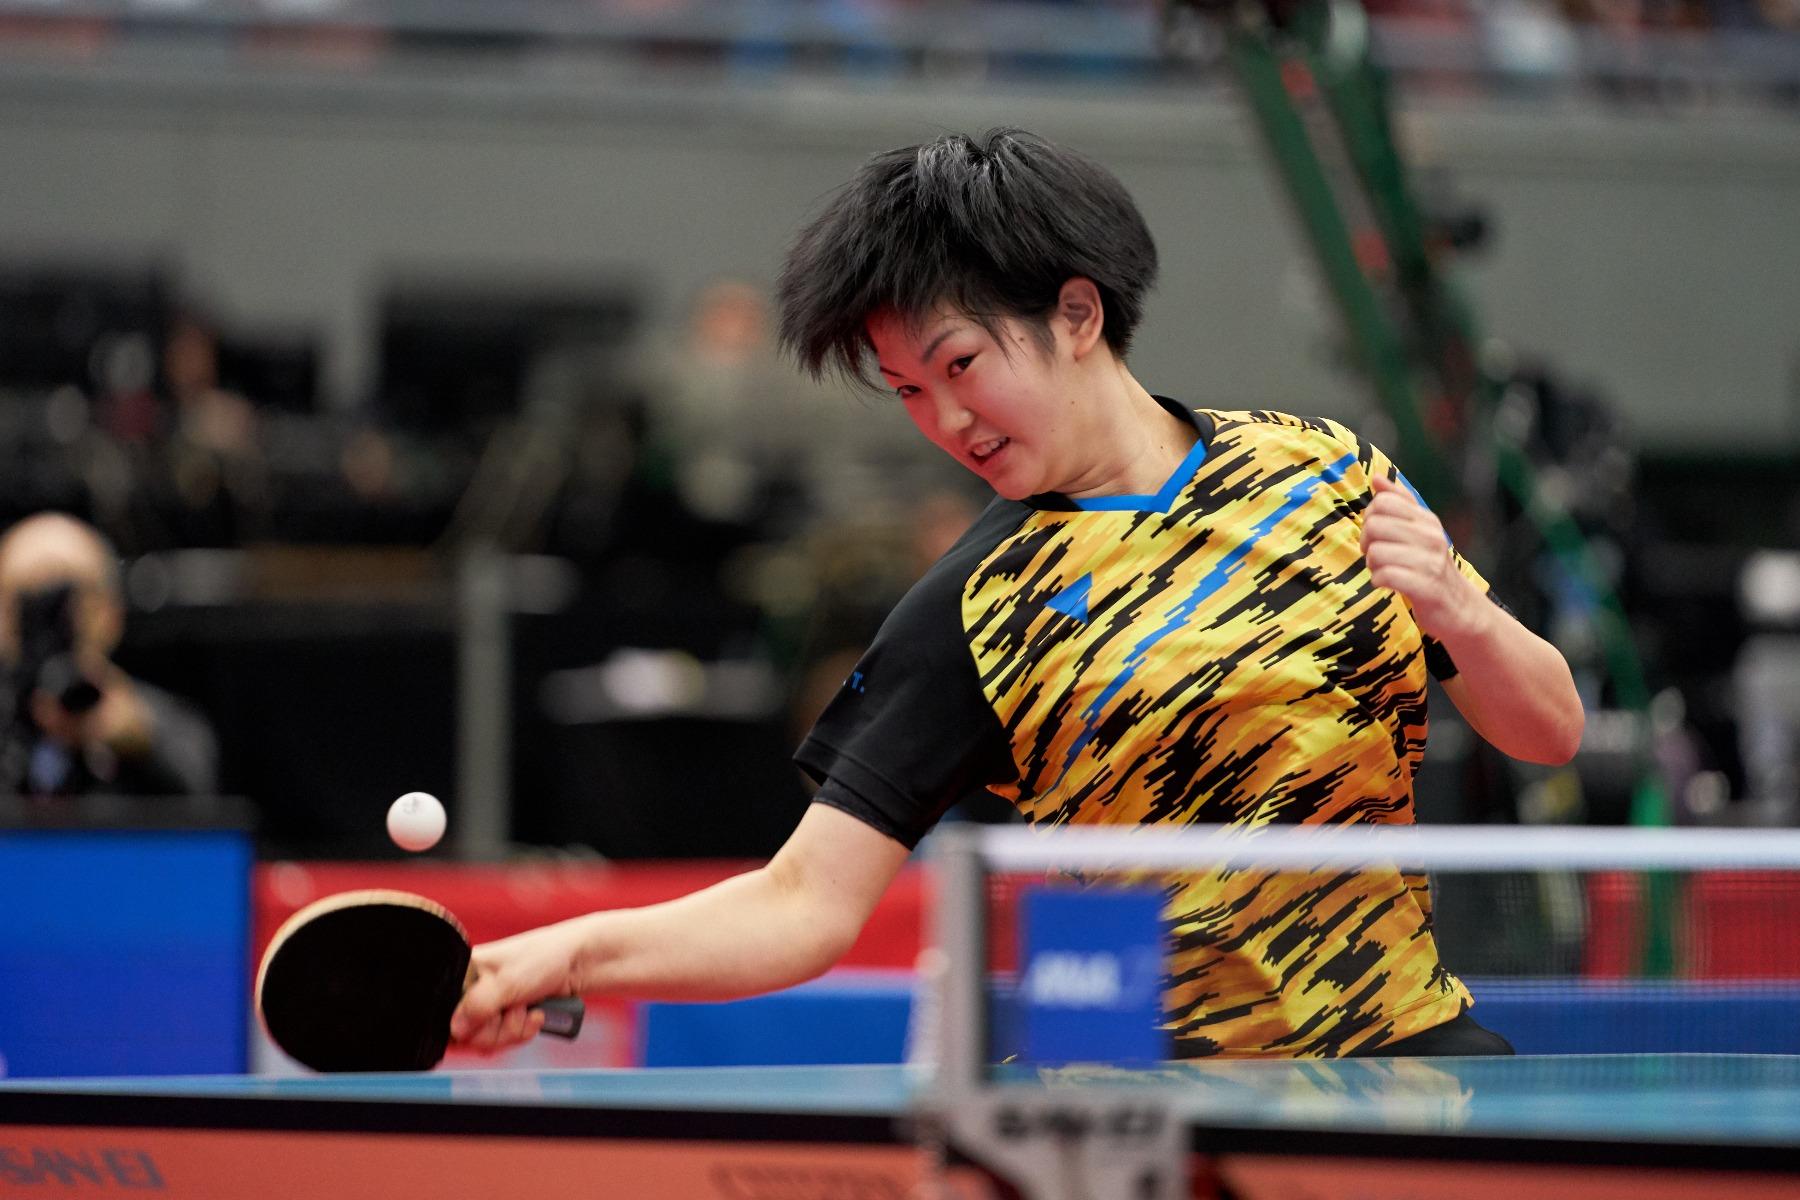 木原美悠 KIHARA MIYUU 卓球 VICTAS JOURNAL V15シリーズ 裏ラバー 裏ソフト ラバー ラバー比較 VICTAS